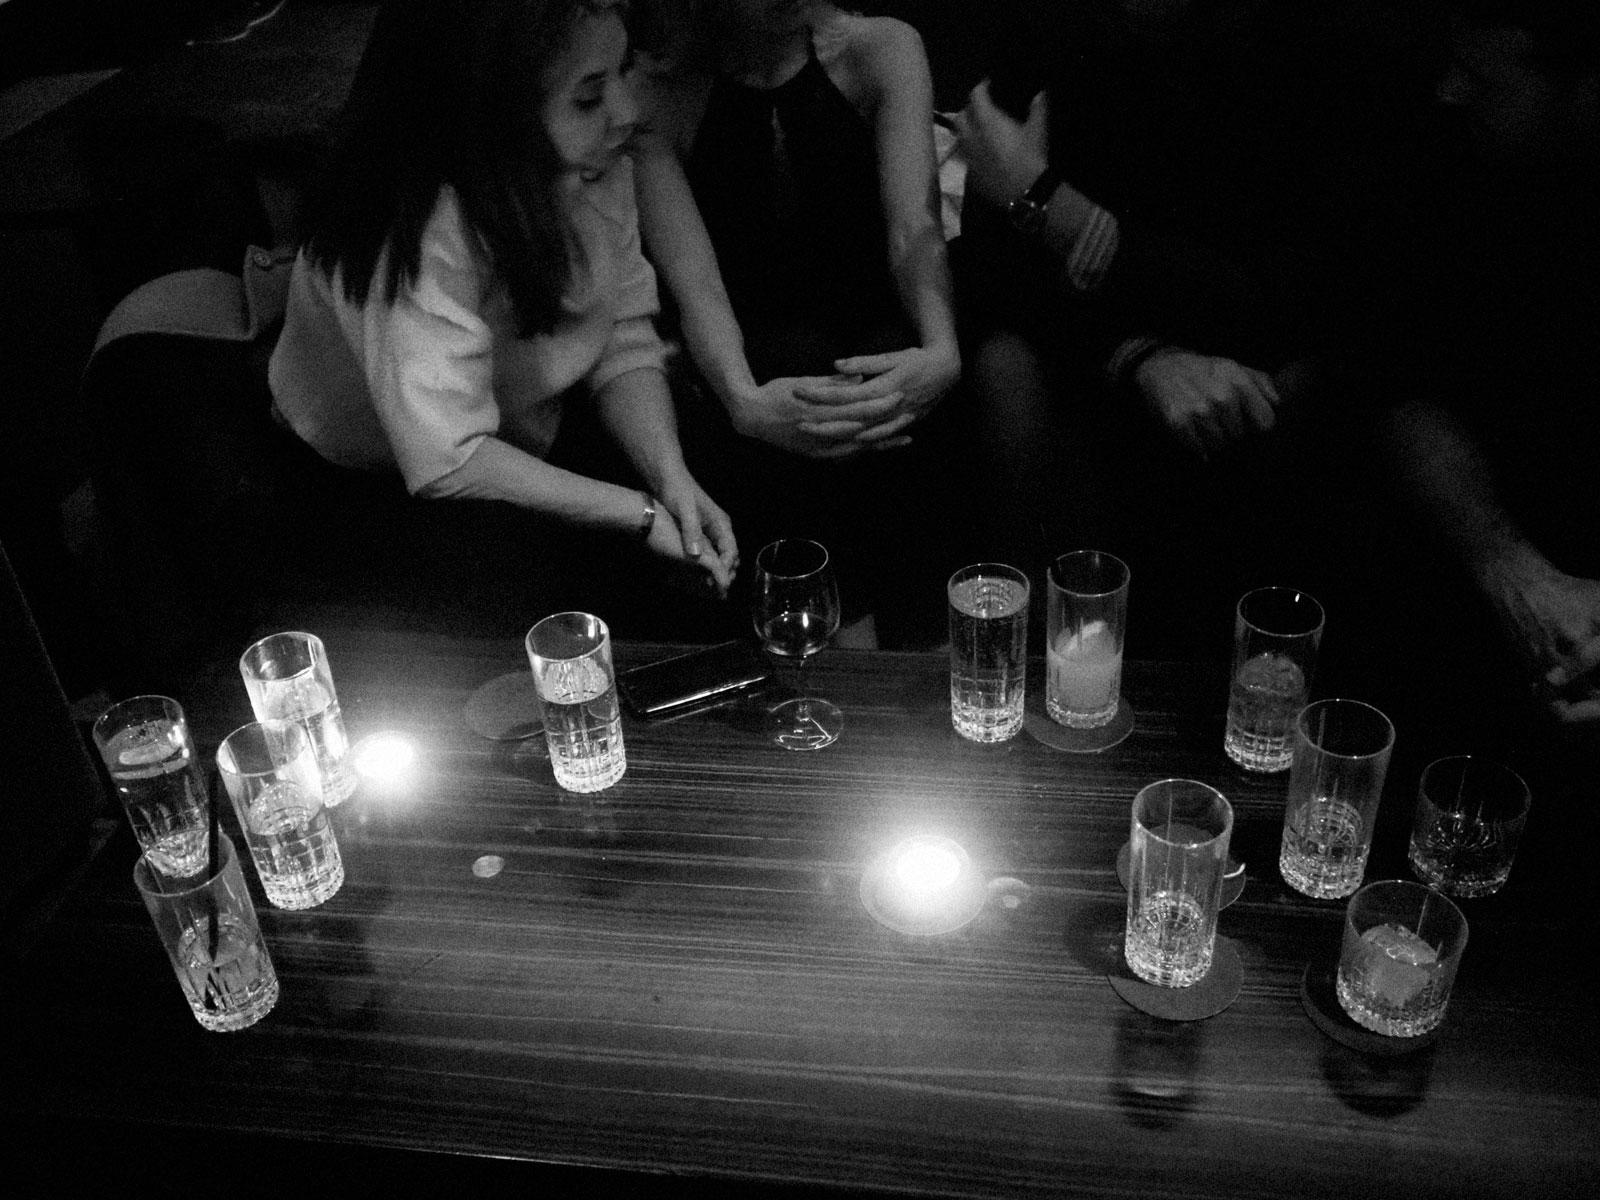 Saturday night in a bar, Manhattan, March 2018